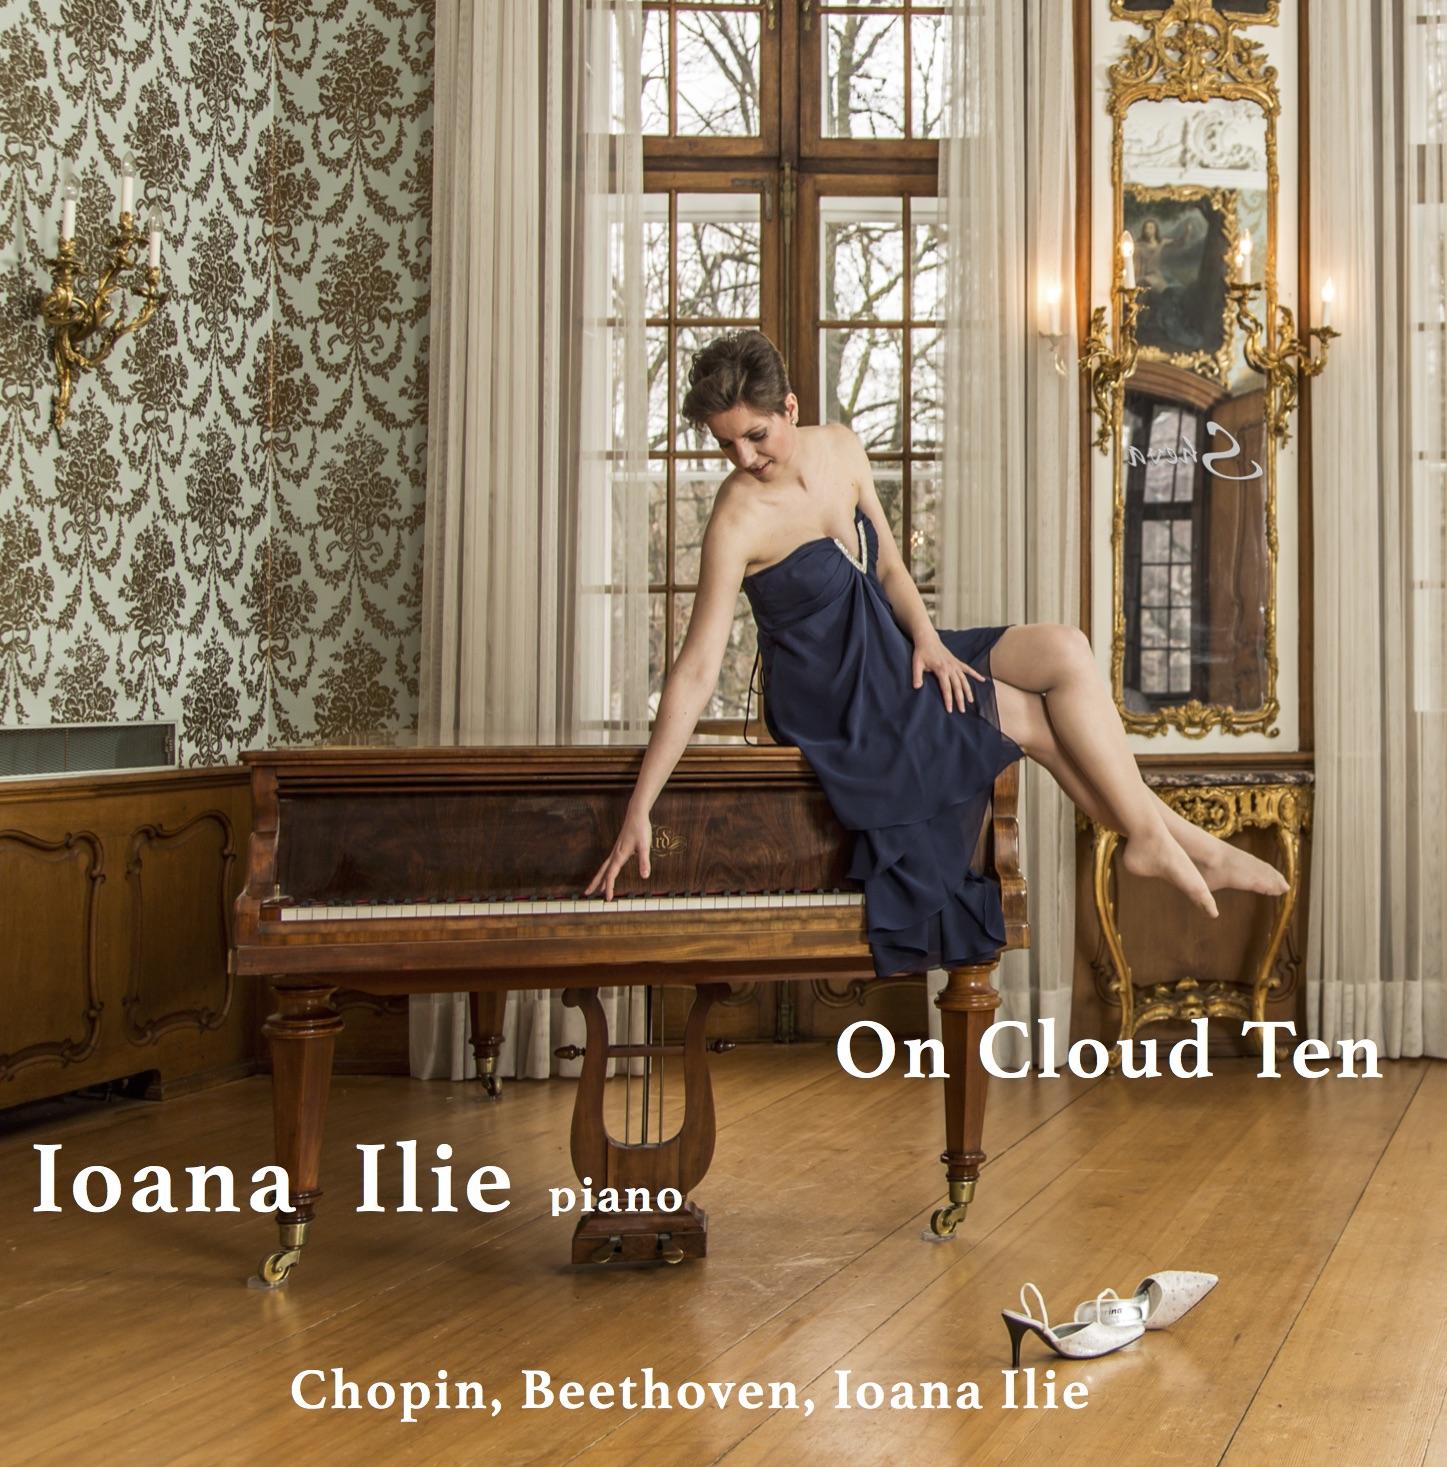 SHEVA 180 IOANA ILIE - On Cloud Ten